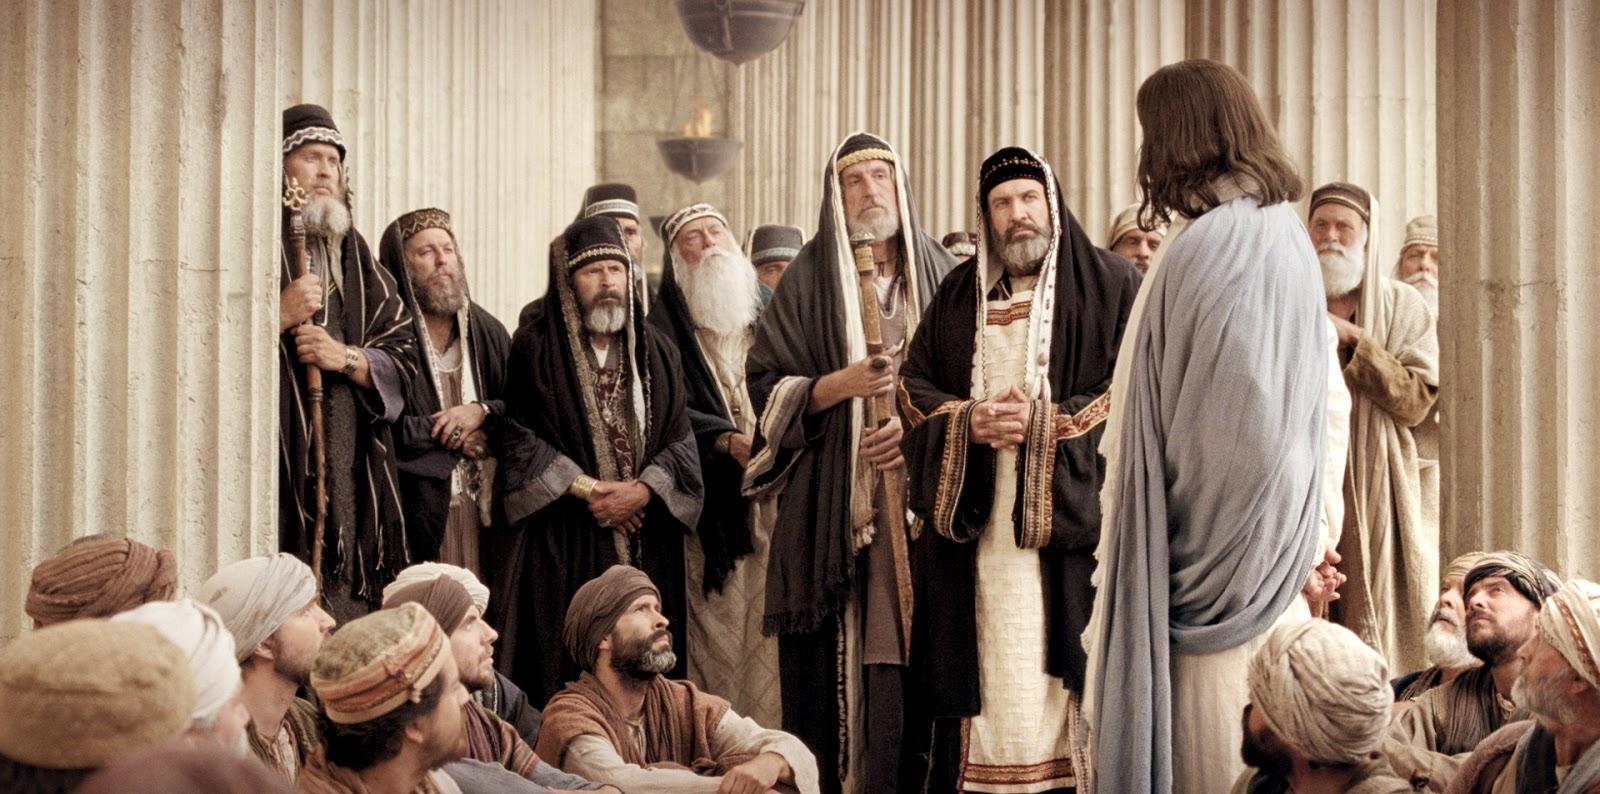 О фактах существования Христа продолжают спорить скептики и ученые